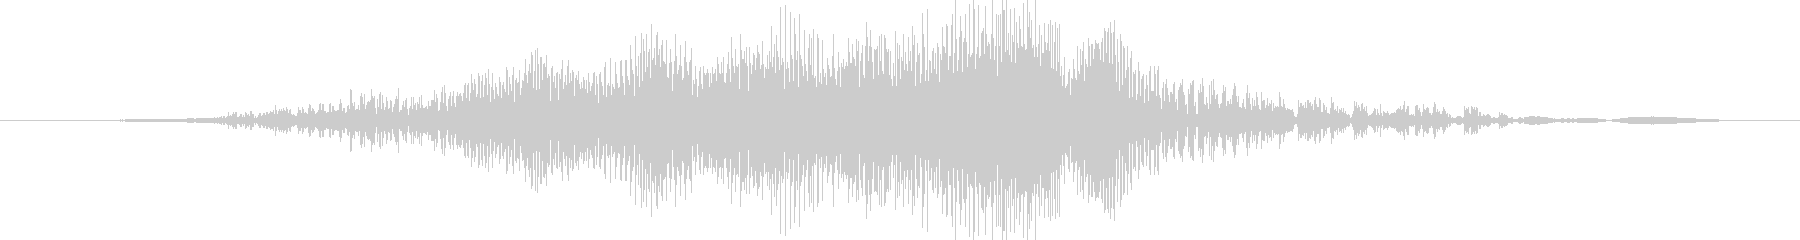 ジー(ジッパーの音※速め)の未再生の波形